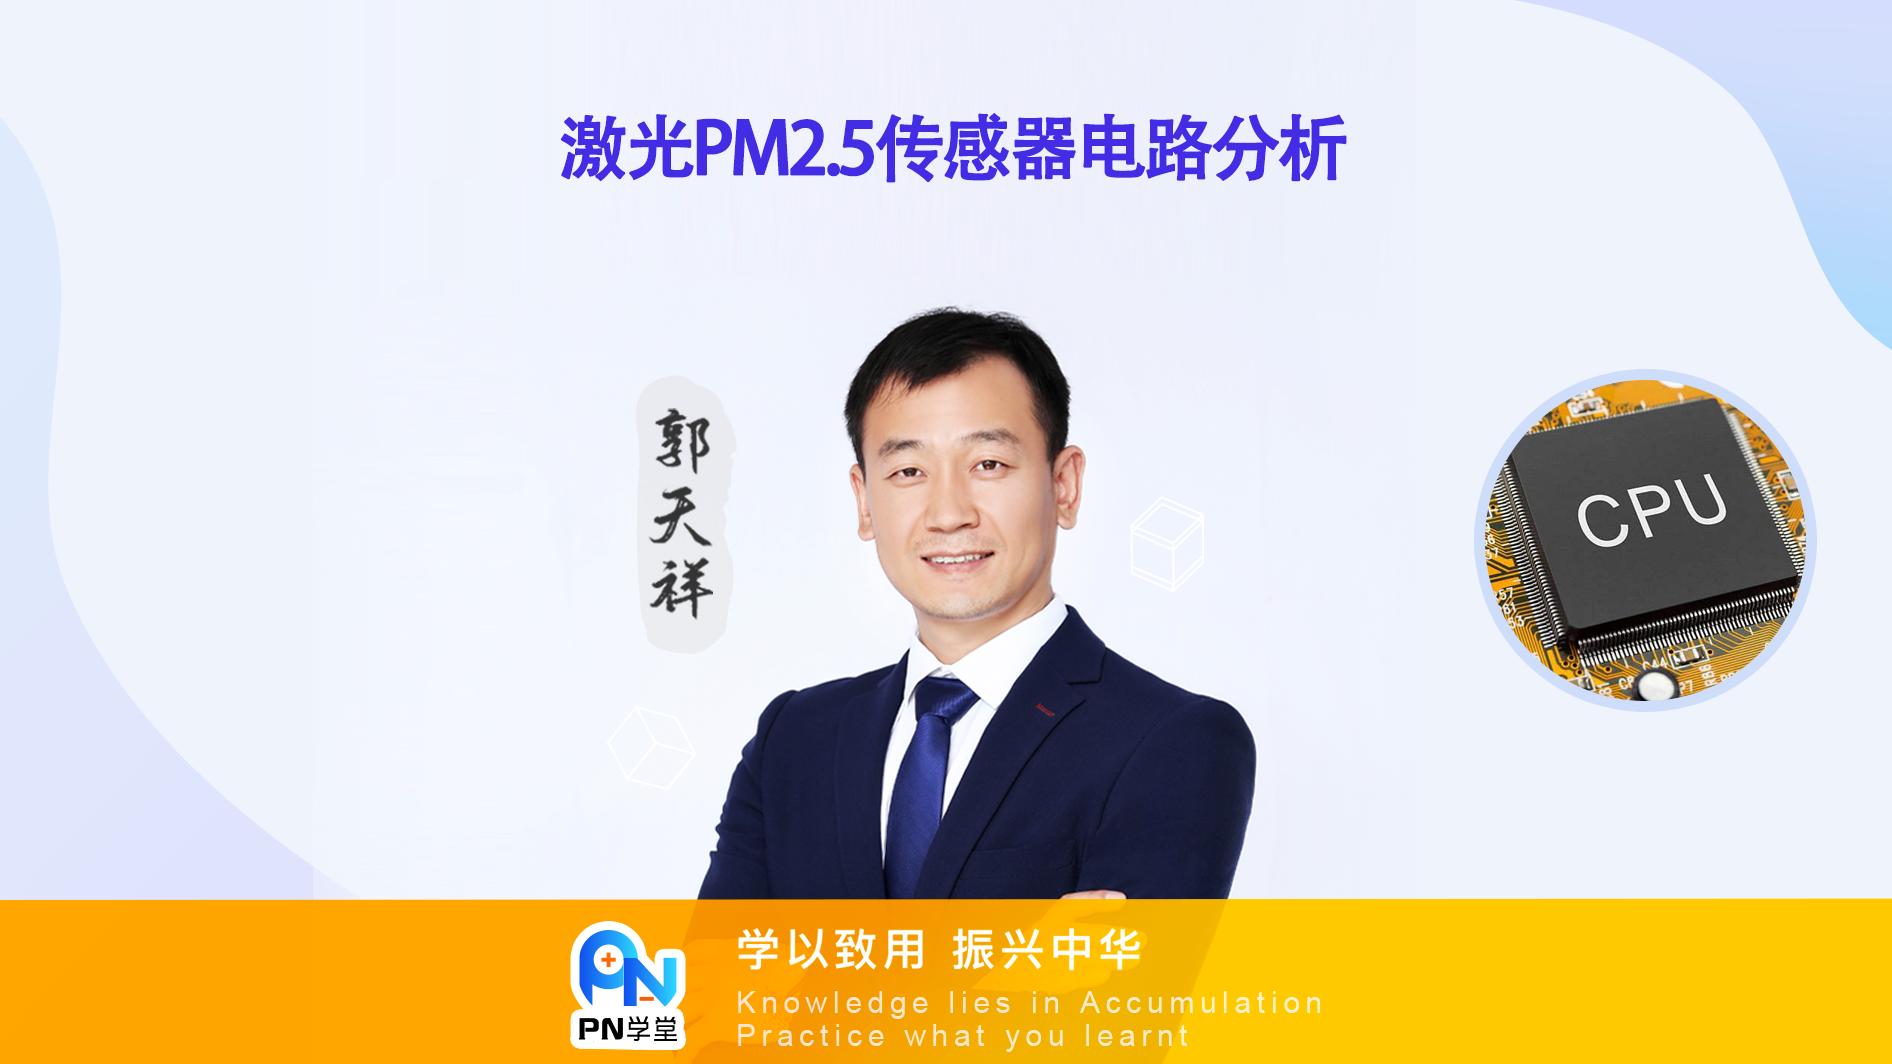 郭天祥-激光PM2.5传感器电路分析-PN学堂